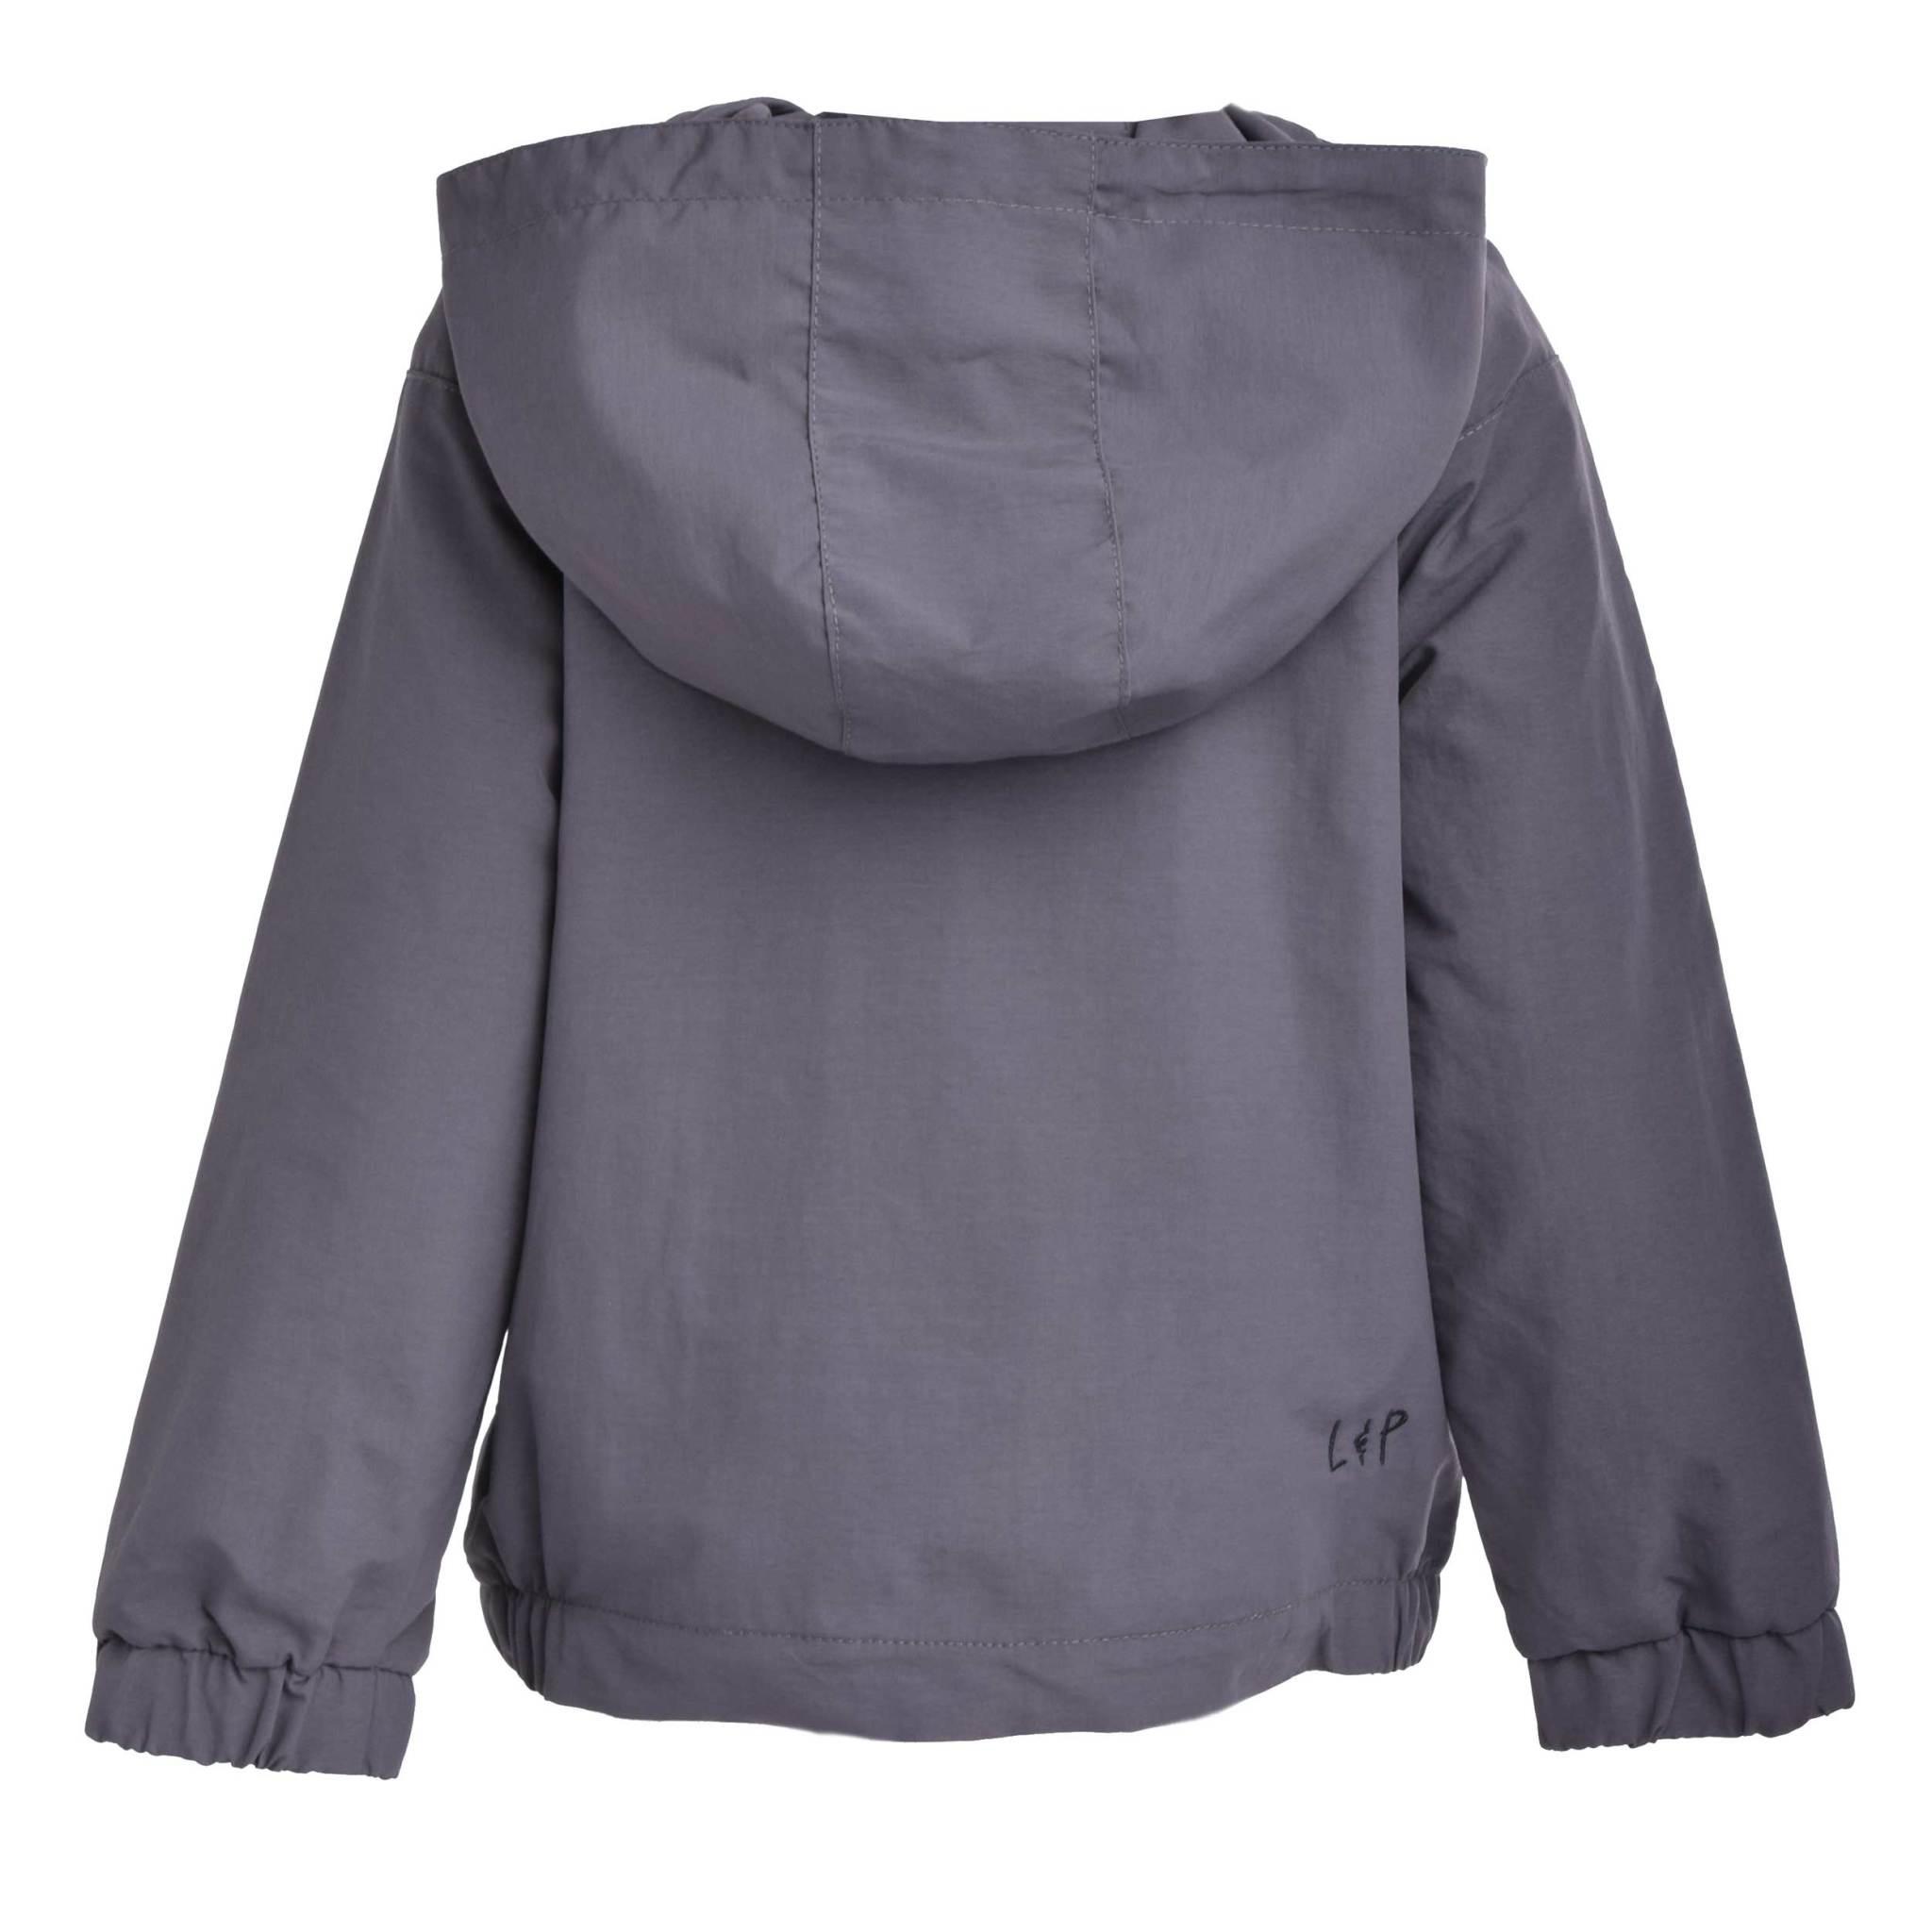 Manteau d'extérieur mi-saison - PITTSBURGH-2